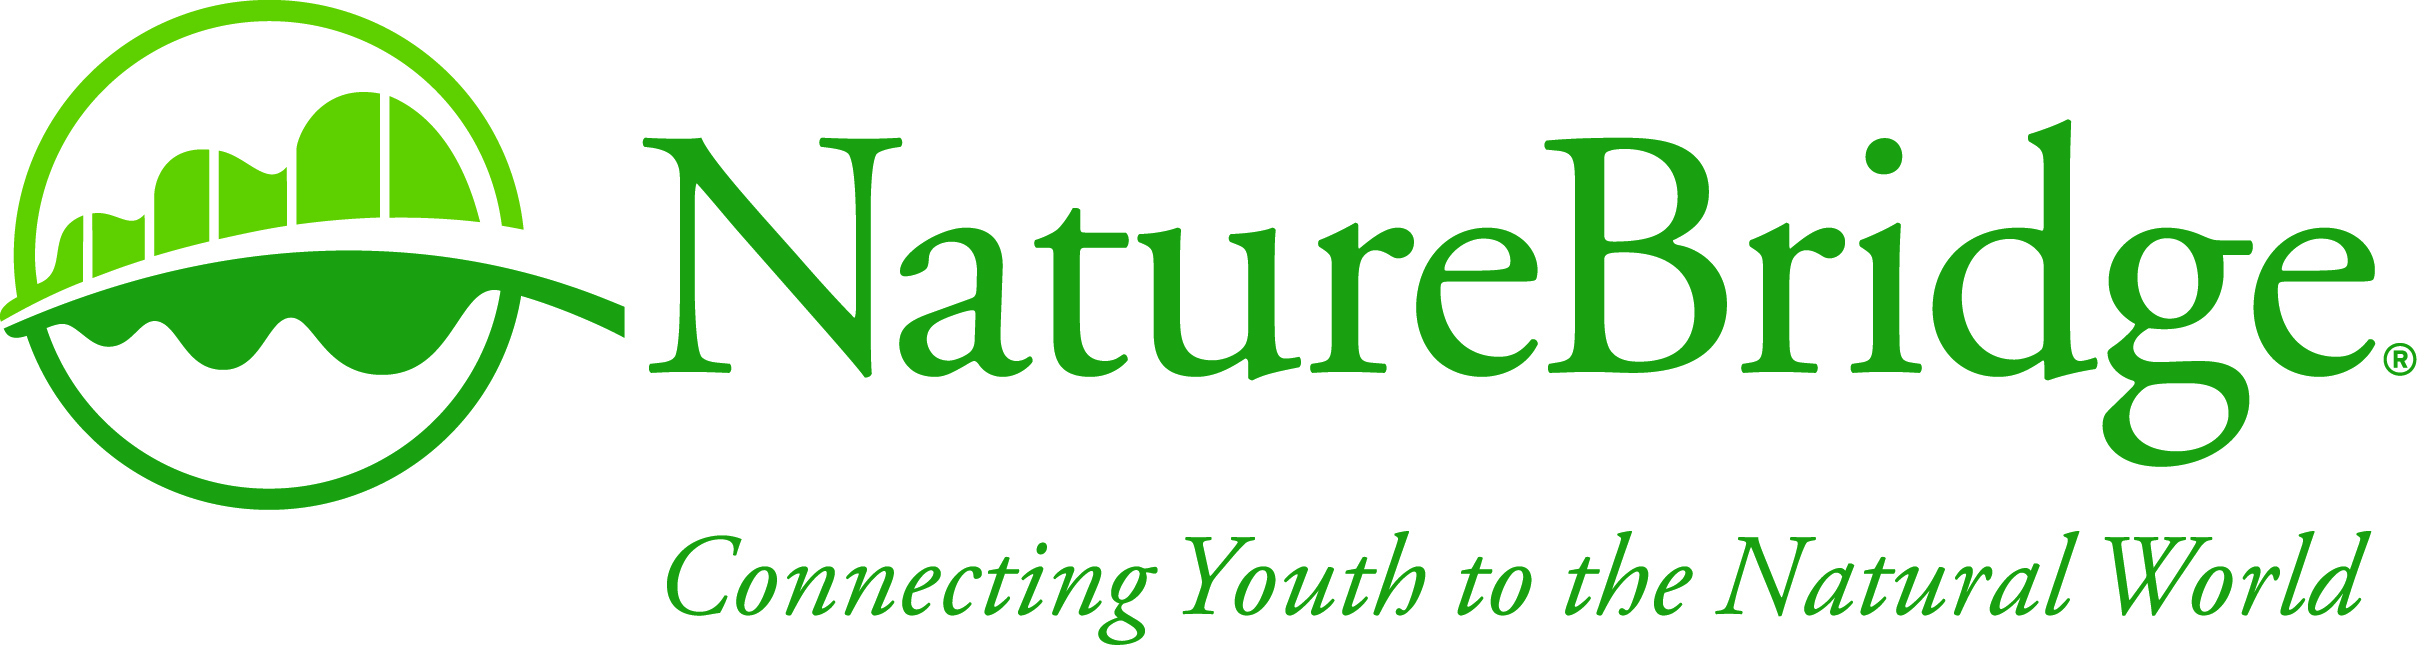 naturebridge-2013